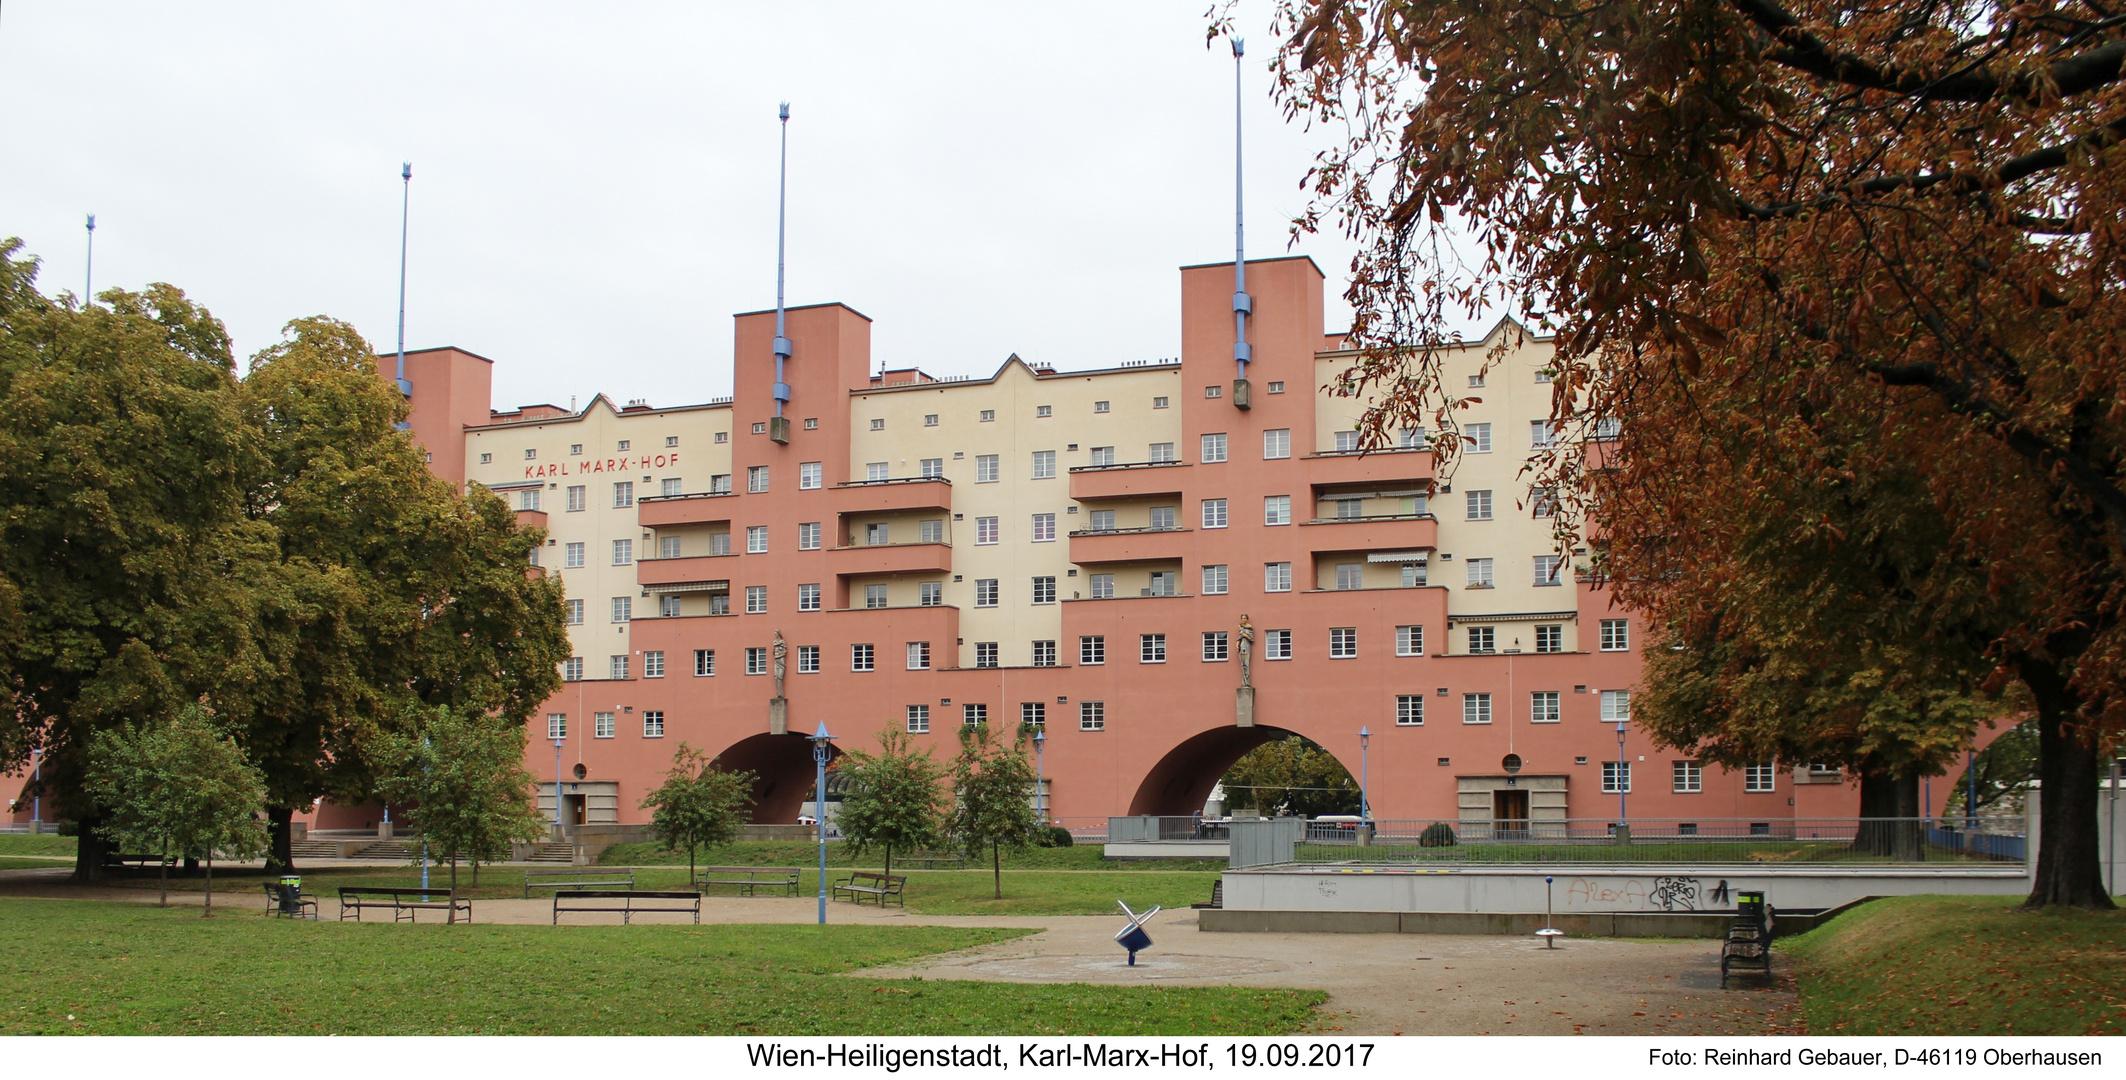 Wien-Heiligenstadt, Karl-Marx-Hof, 19.09.2017